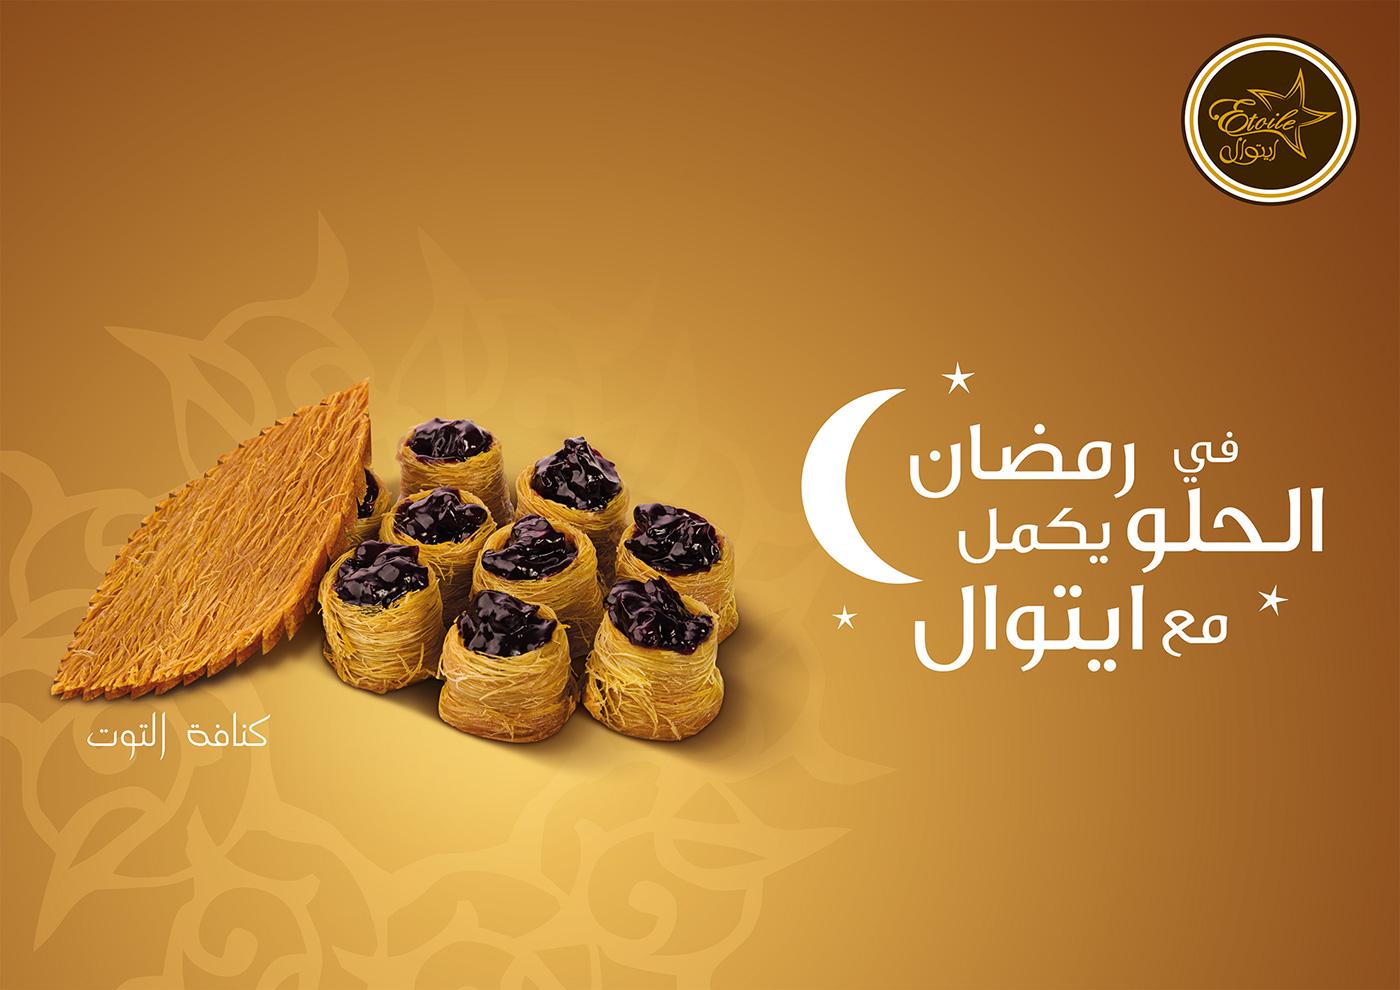 affiche-etoile-ramadan-kannefa